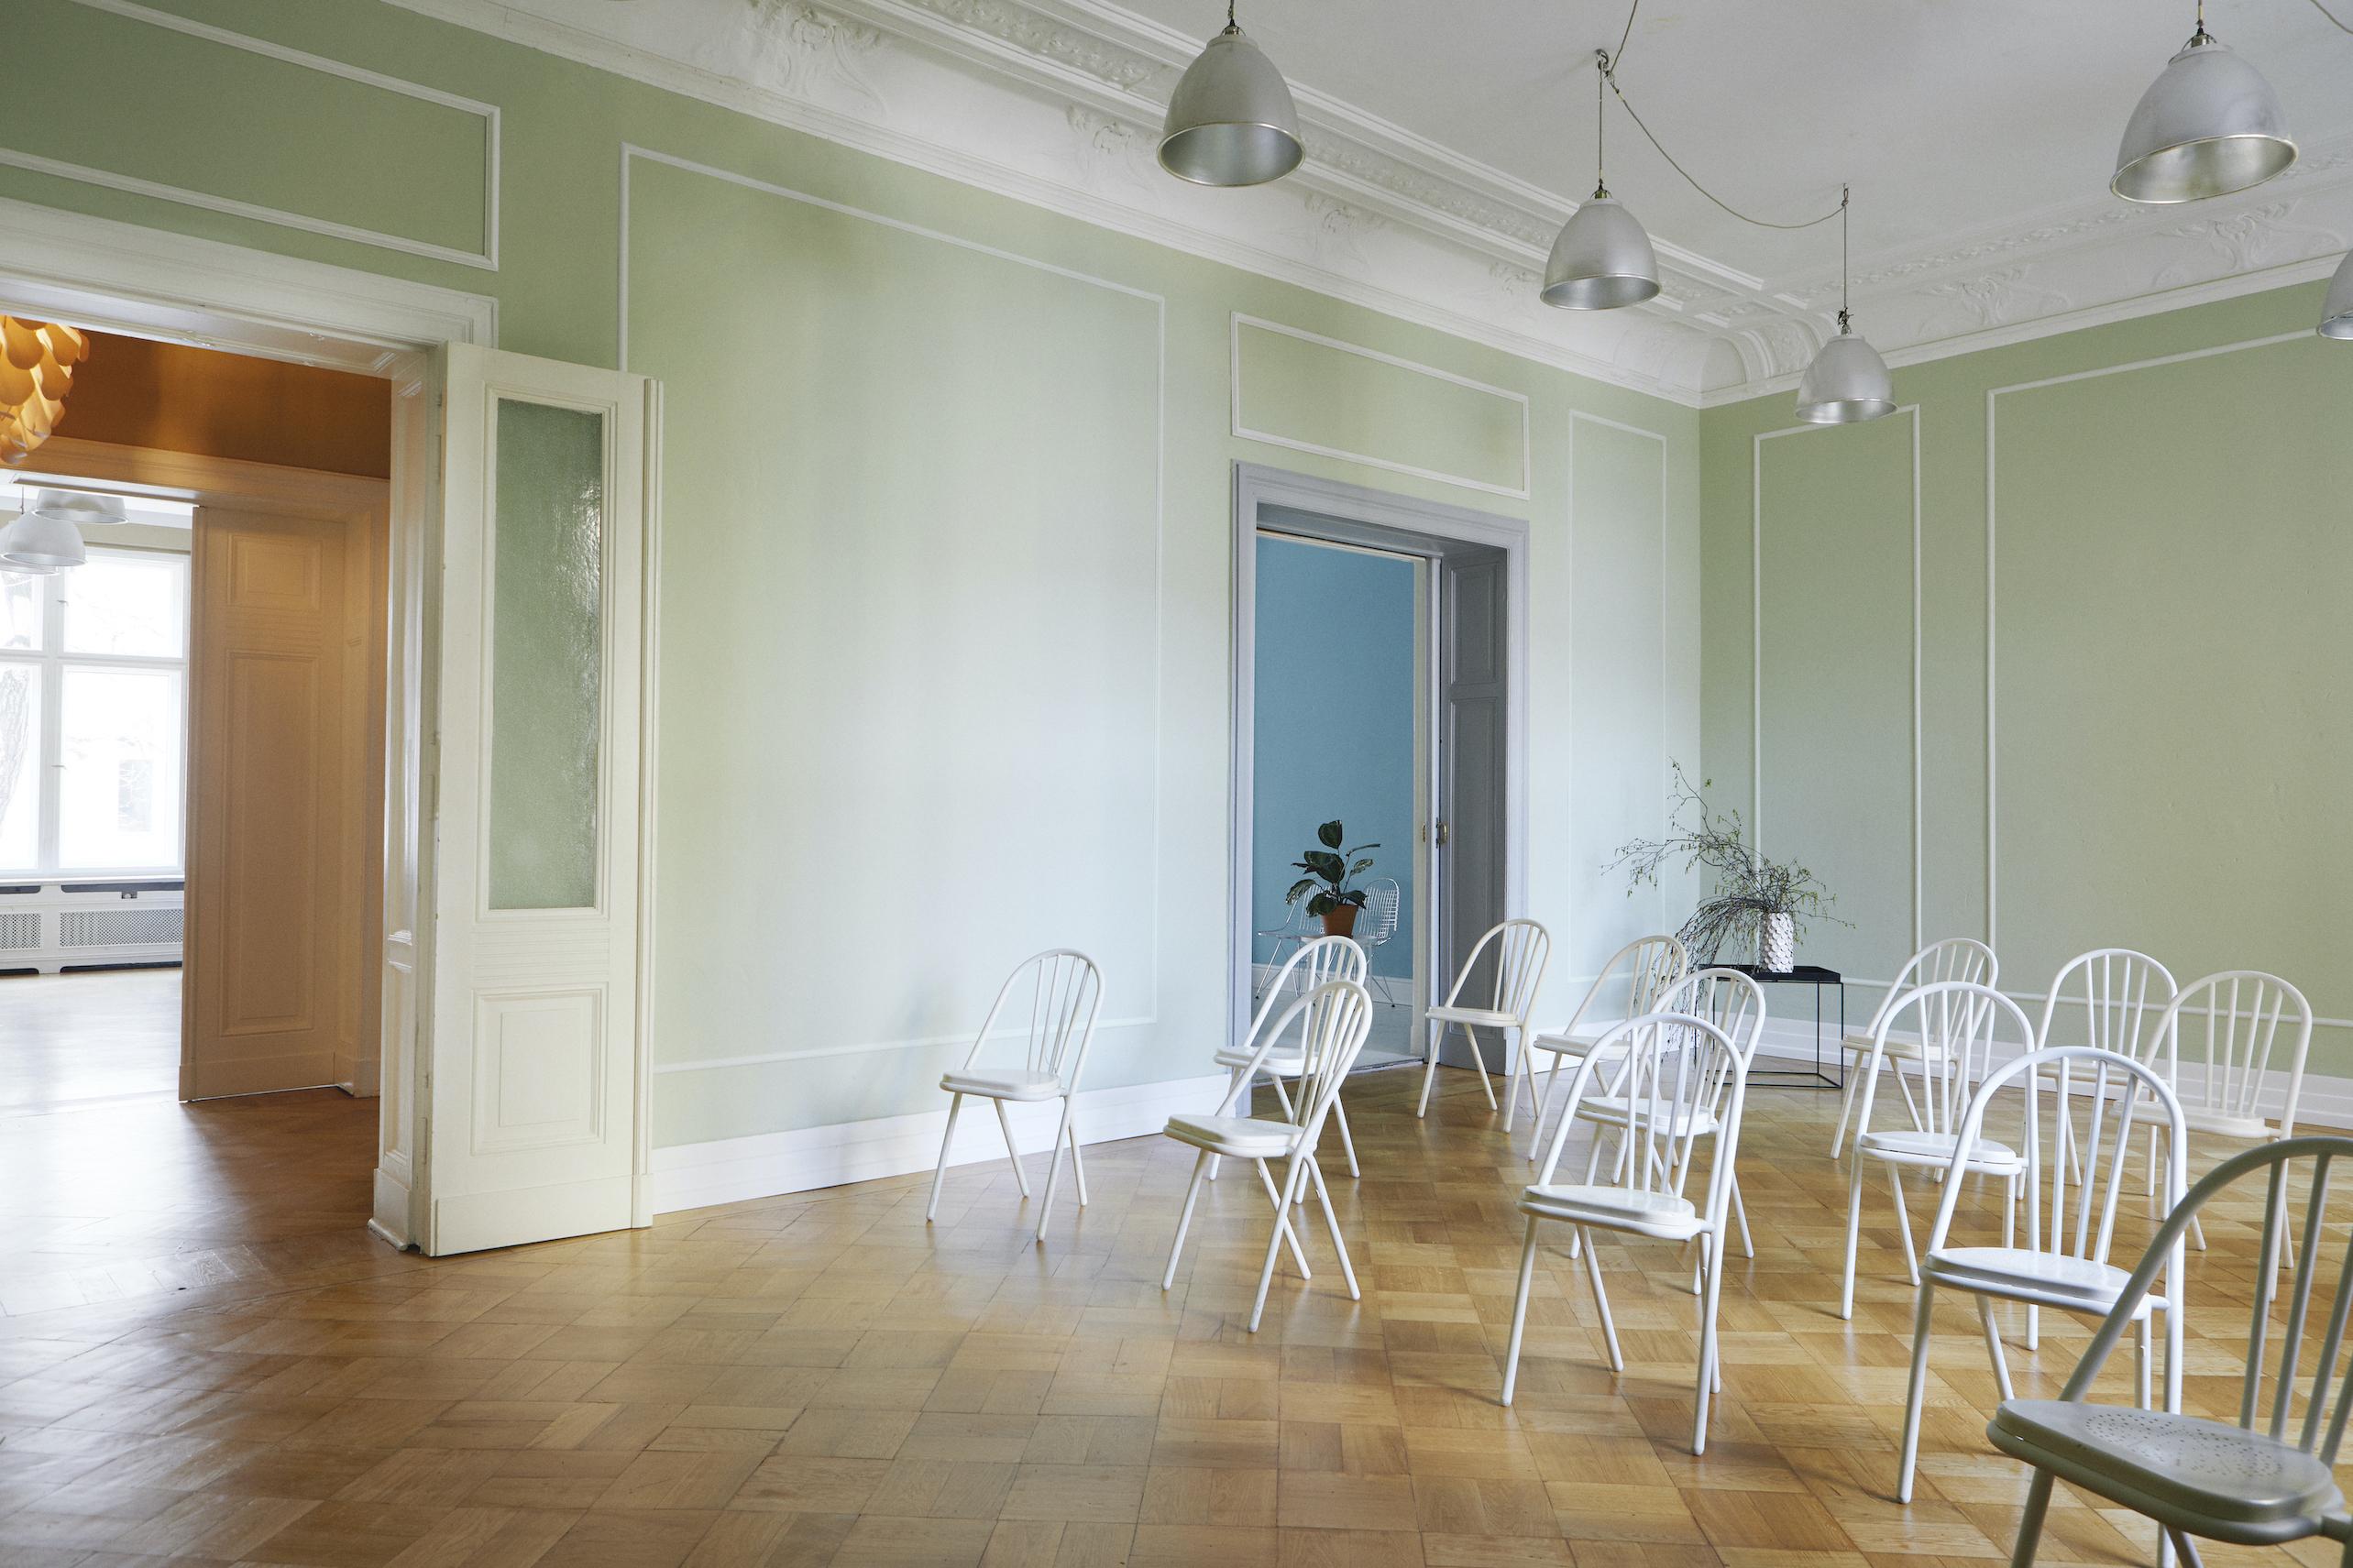 Foto eines grünes Altbauzimmer mit Tisch auf dem Pflanzen stehen